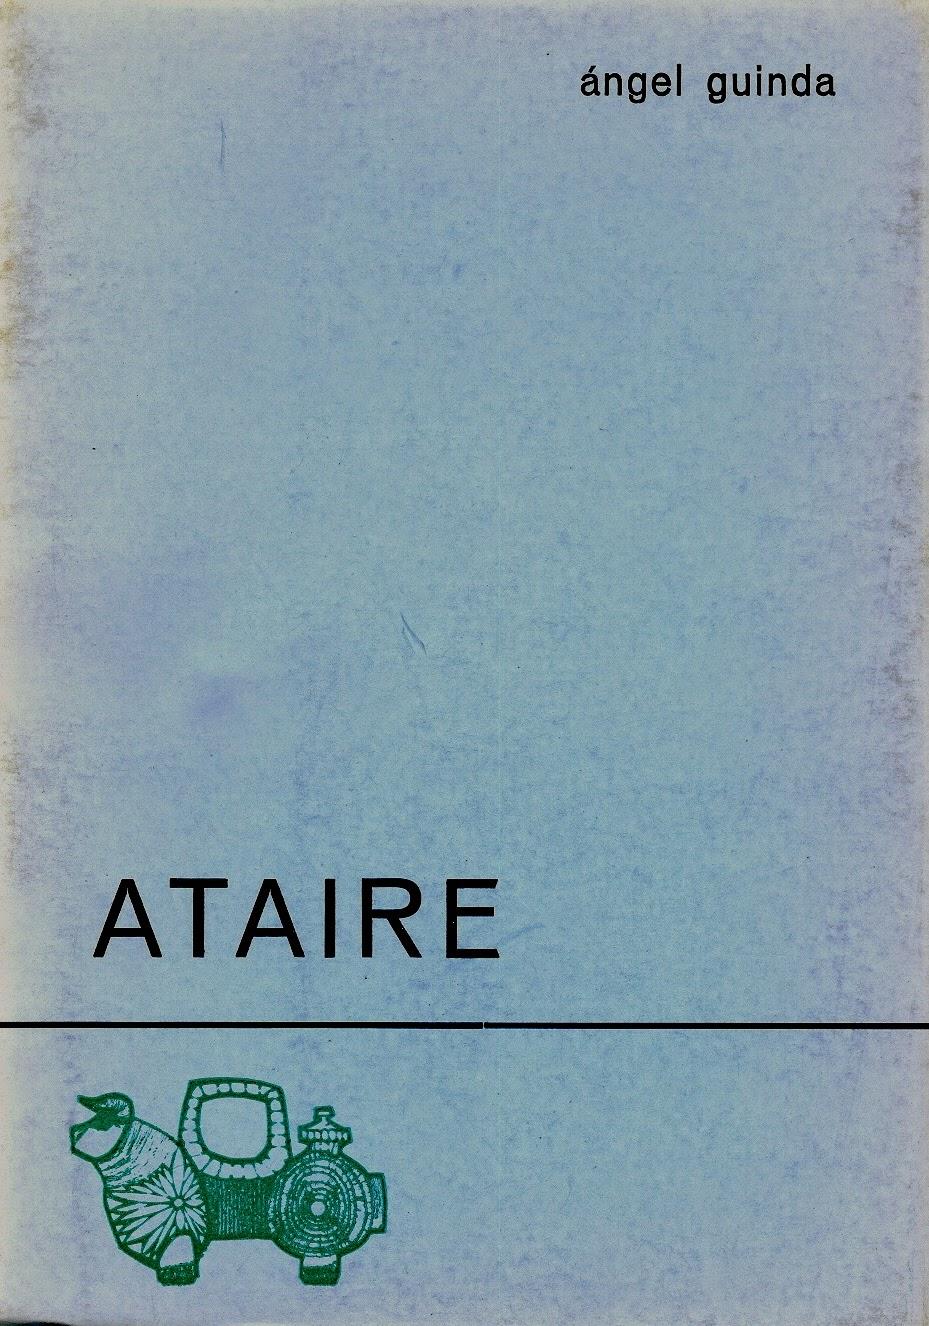 """Ángel Guinda, """"Ataire"""", Col. Azul, Ed. El Toro de Barro, Carboneras del Guadazaón 1975"""